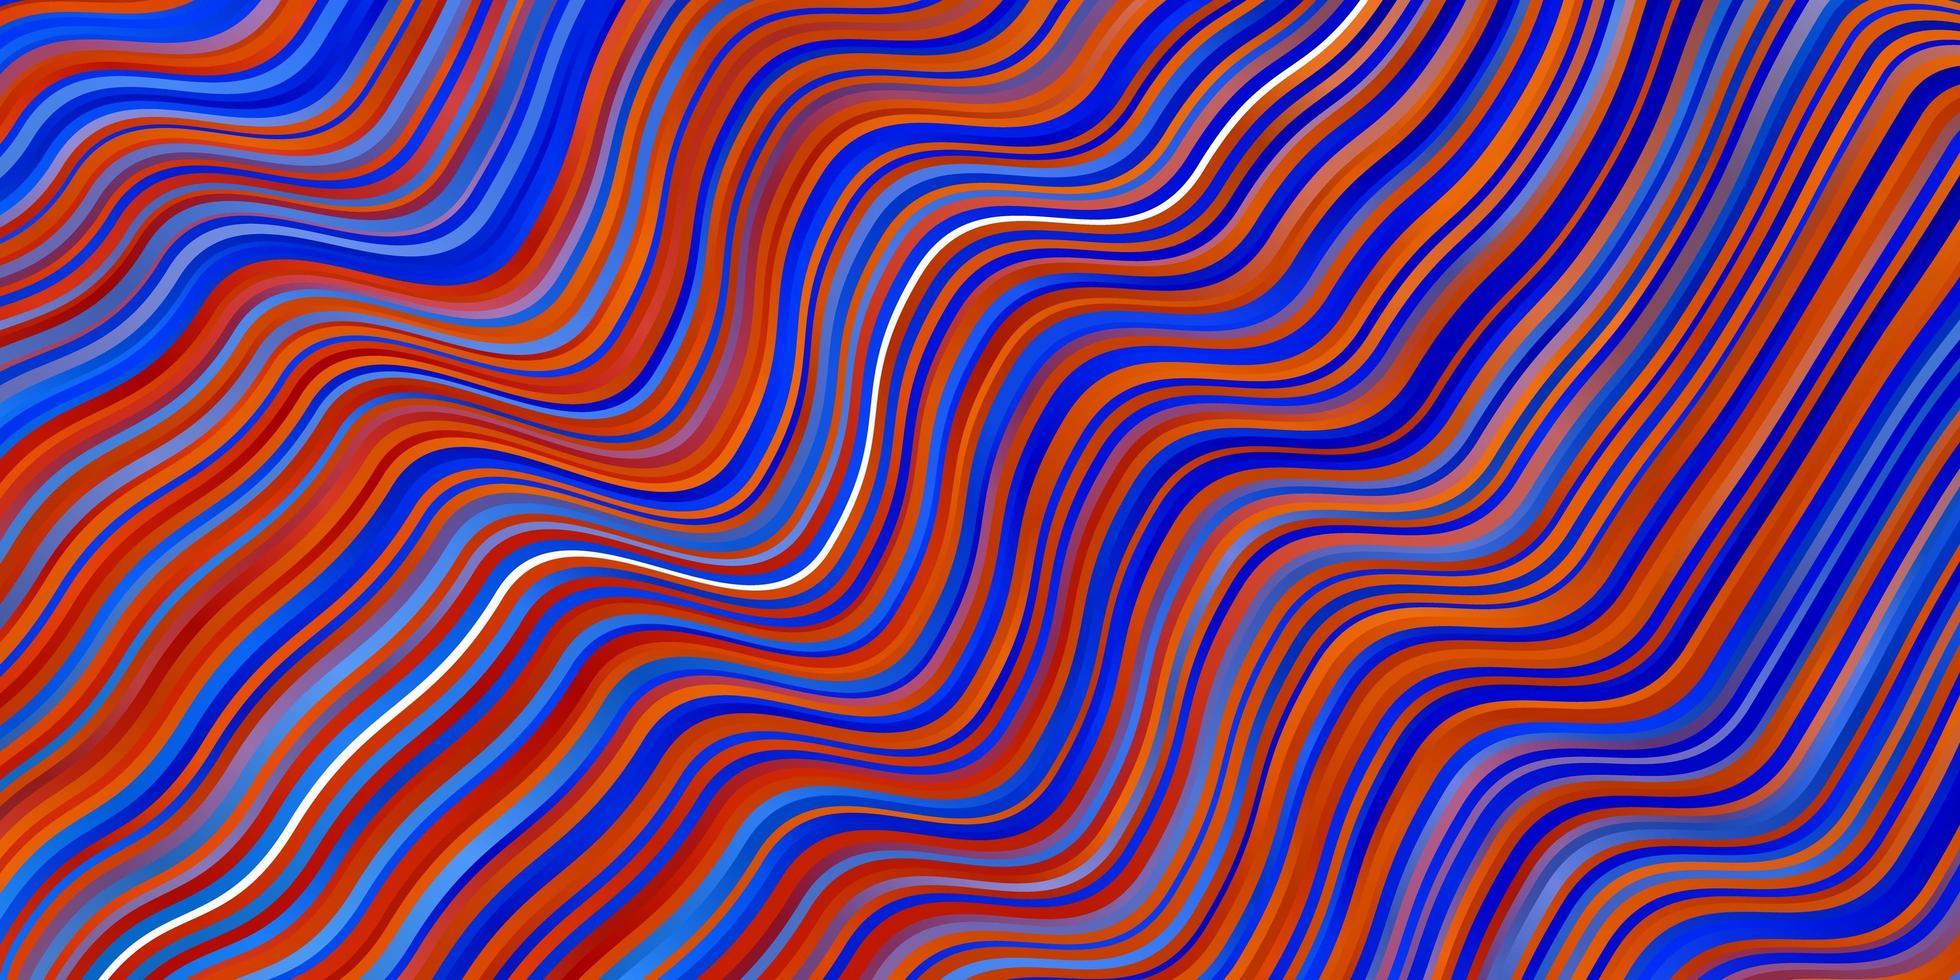 lichtblauwe, rode vectorachtergrond met krommen. vector